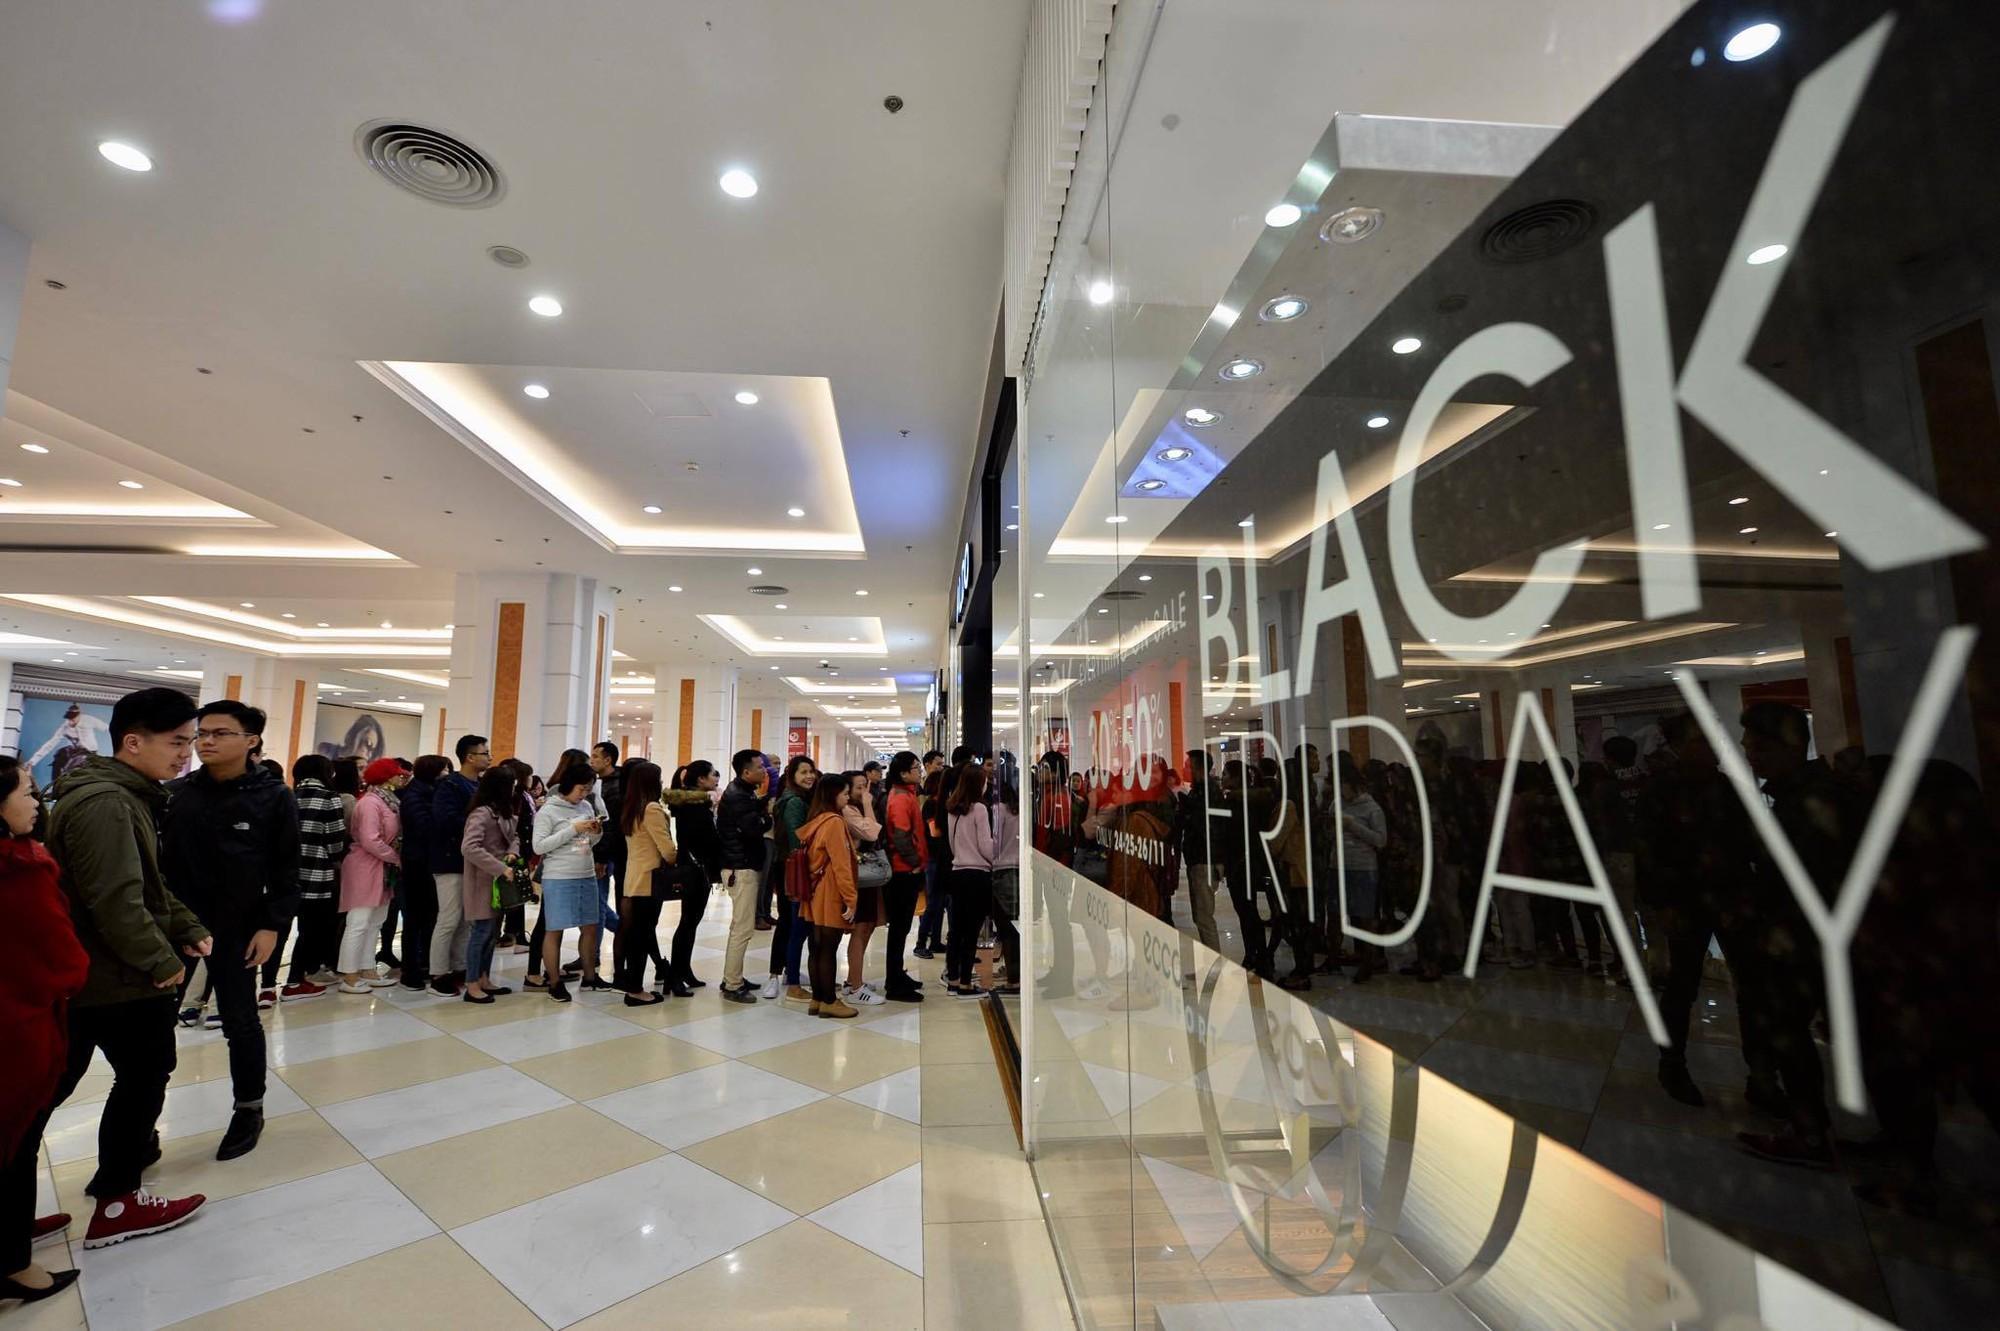 Biển người Hà Nội, Sài Gòn đổ về trung tâm thương mại, khu phố thời trang để săn đồ Black Friday - Ảnh 2.